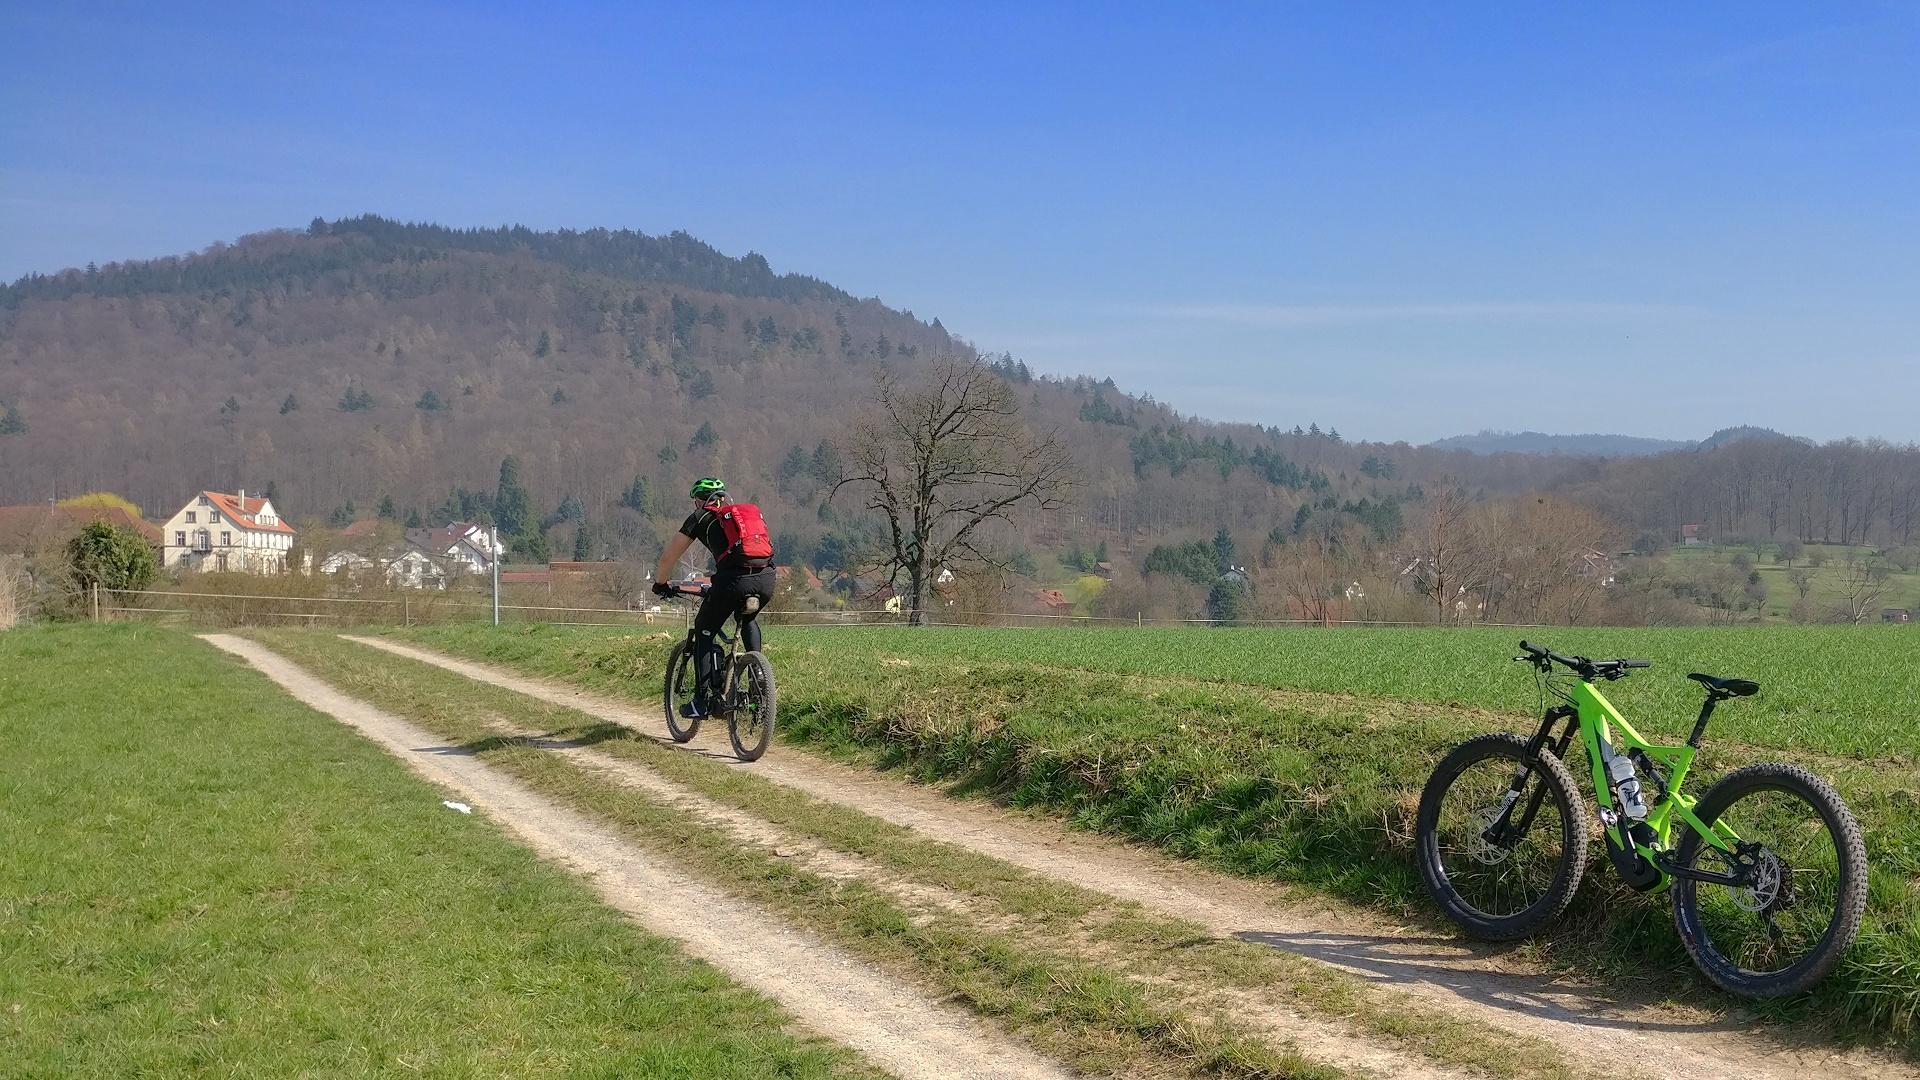 Zwei E-Biker Richtung Eichelberg (Murgtal)